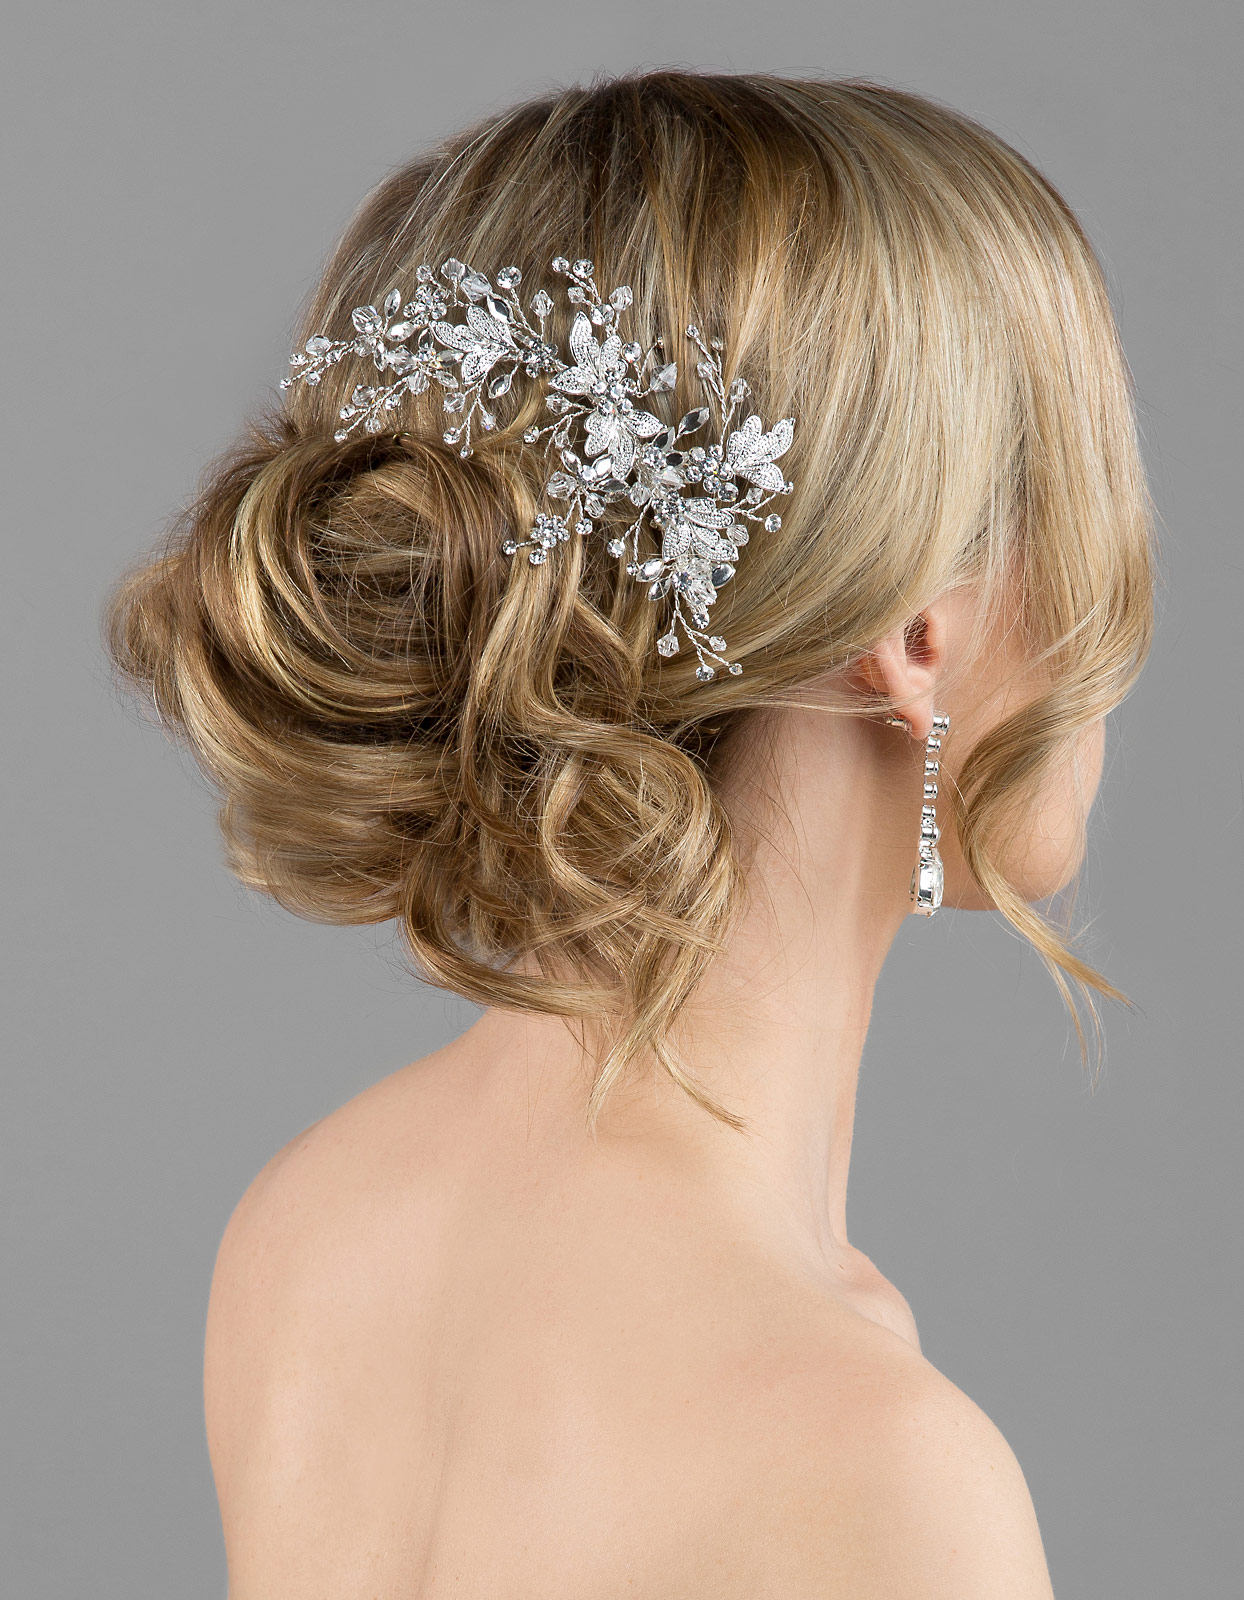 Bridal Classics Hair Combs & Clips T-4219